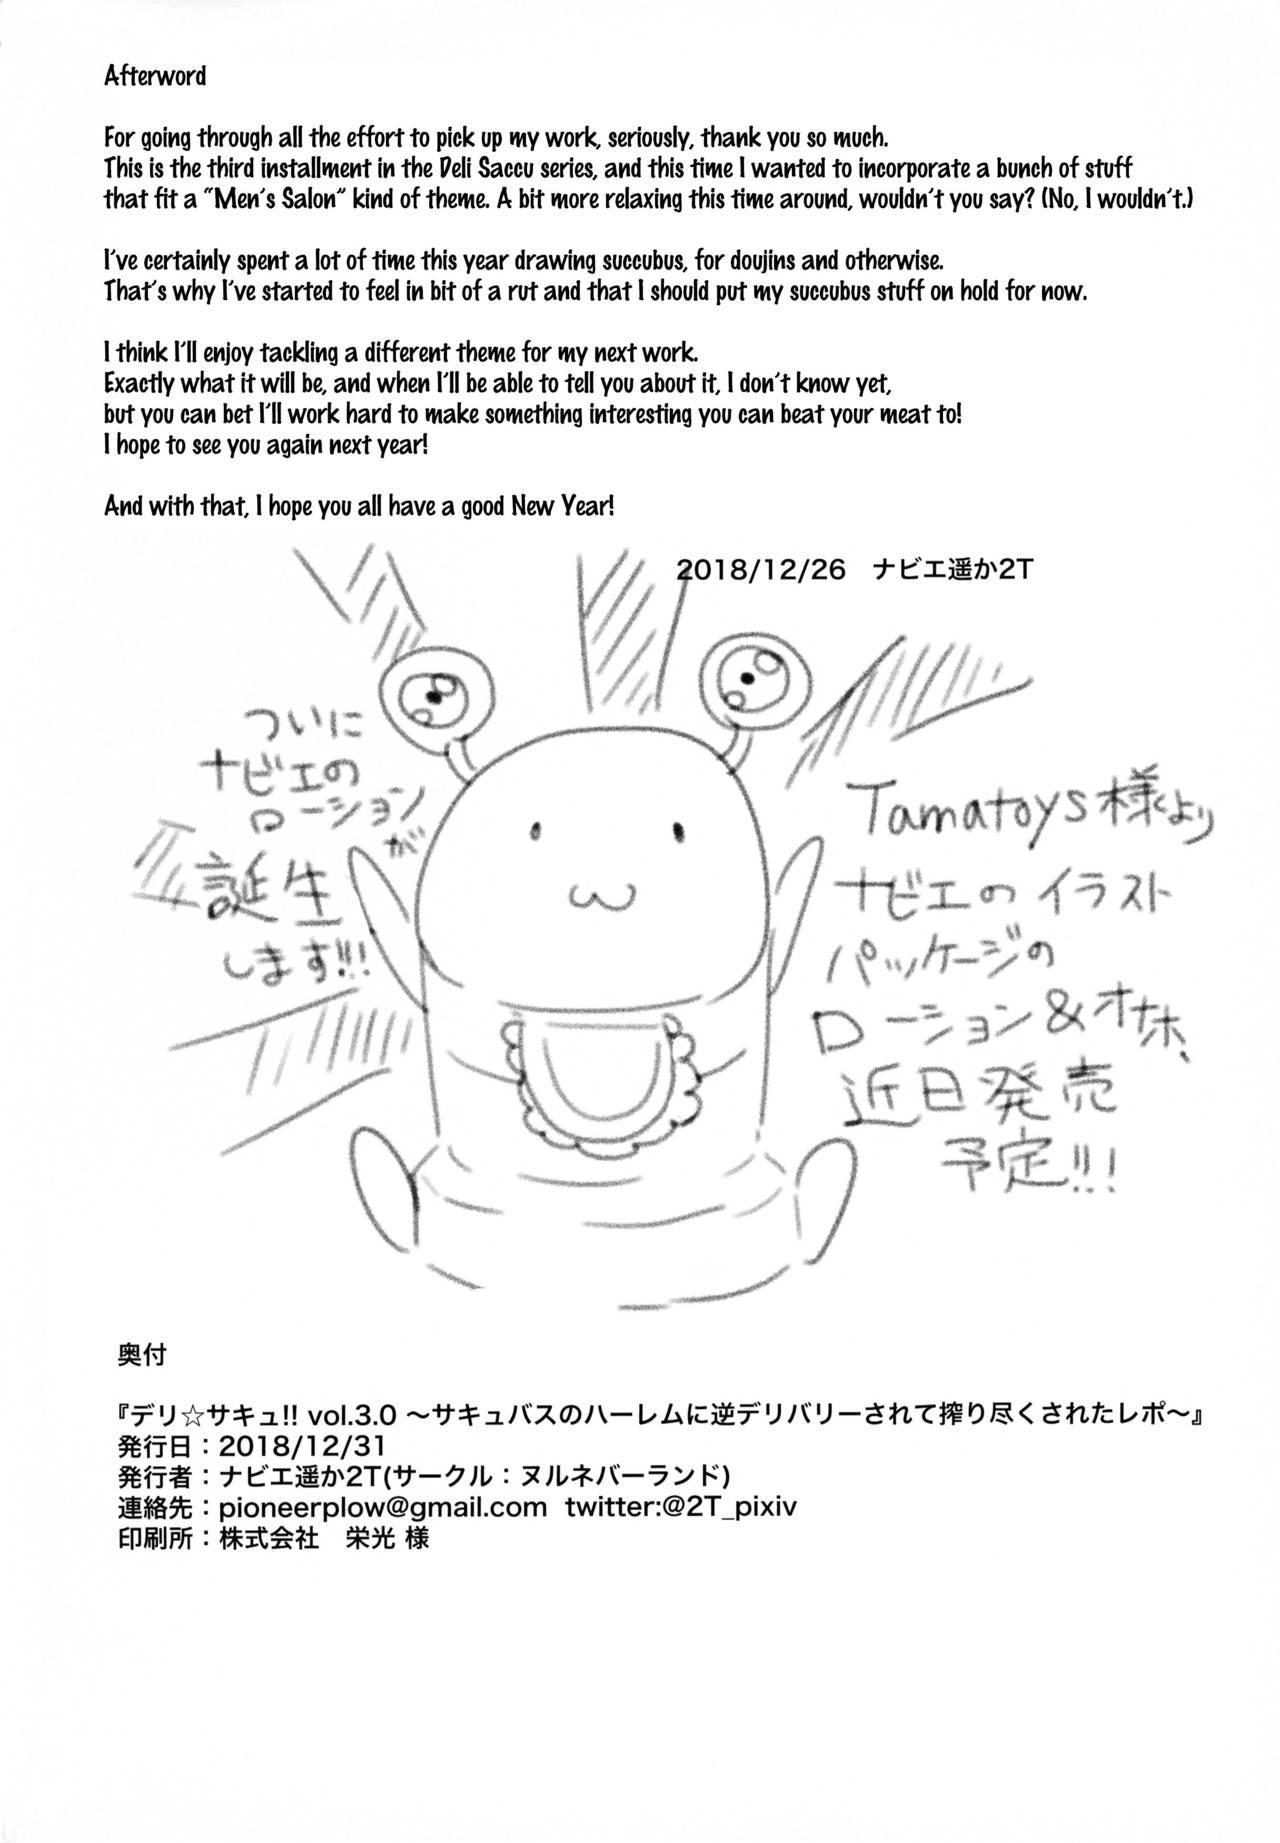 (C95) [nul_Neverland (Navier Haruka 2T)] Deli Succu!! vol. 3.0 ~Succubus no Harem ni Gyaku Delivery Sarete Shiboritsukusareta Repo~ | Deli Saccu!! vol 3.0 - A Report on Being Milked in a Reverse-Delivery by a Succubus Harem [English] 32